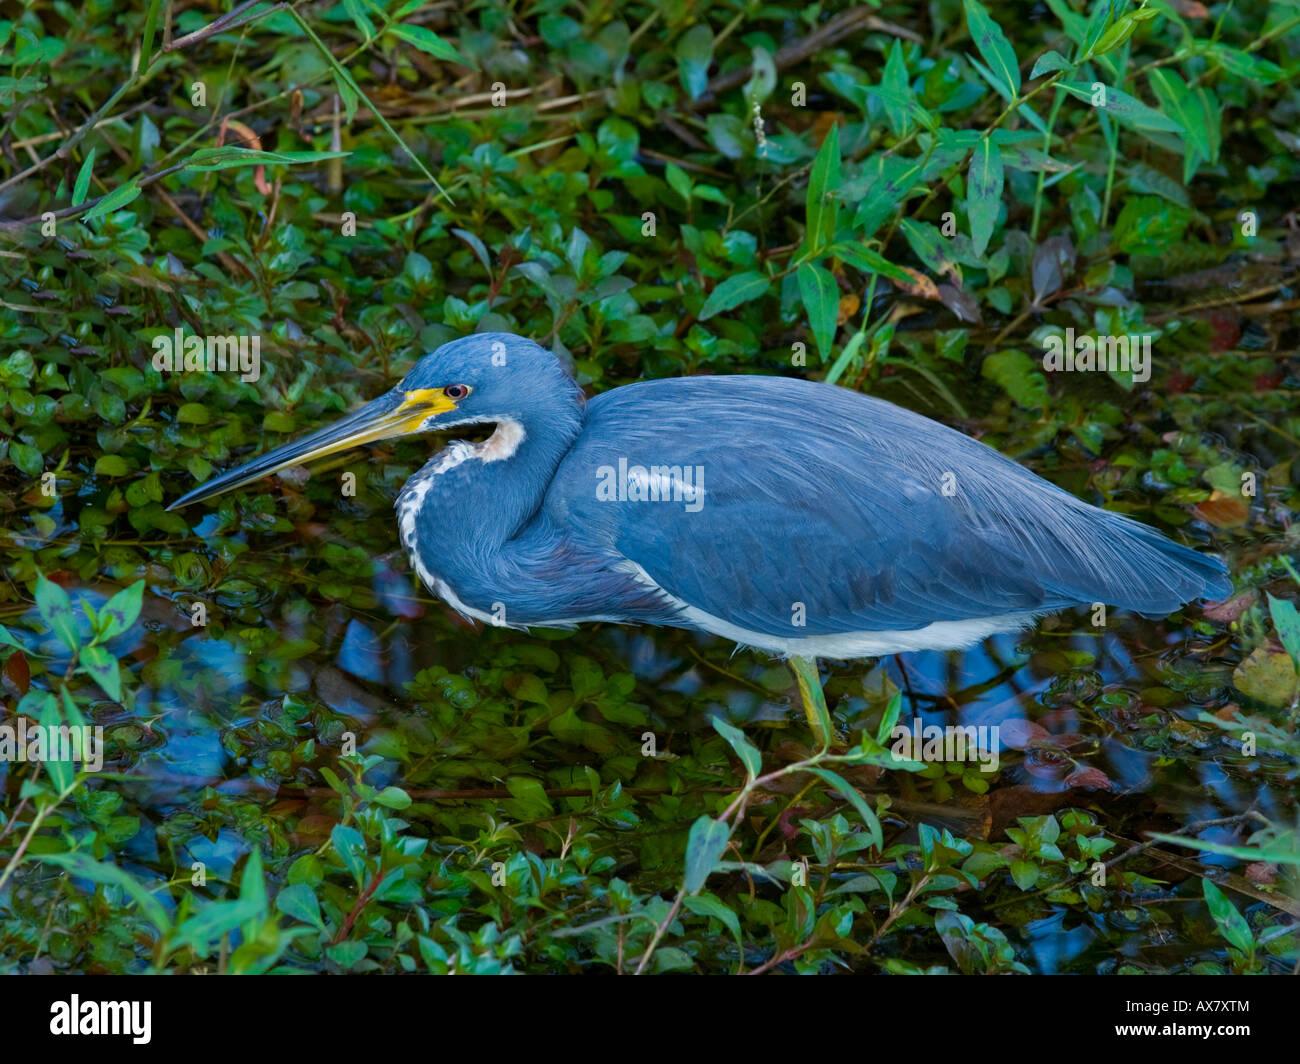 Louisiana Heron Hydranassa tricolor - Stock Image